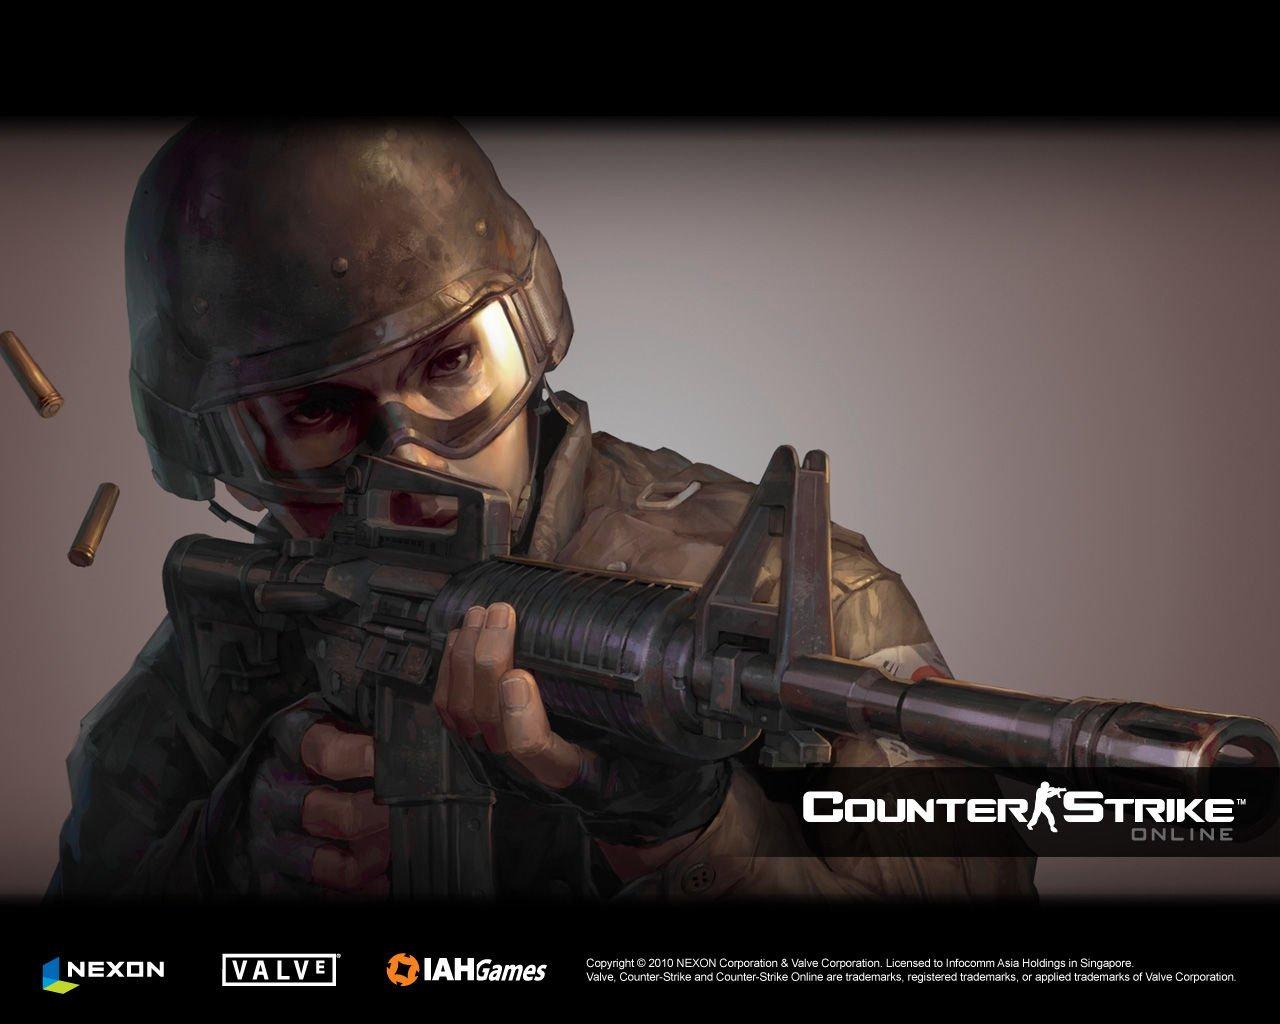 Online Counter Strike